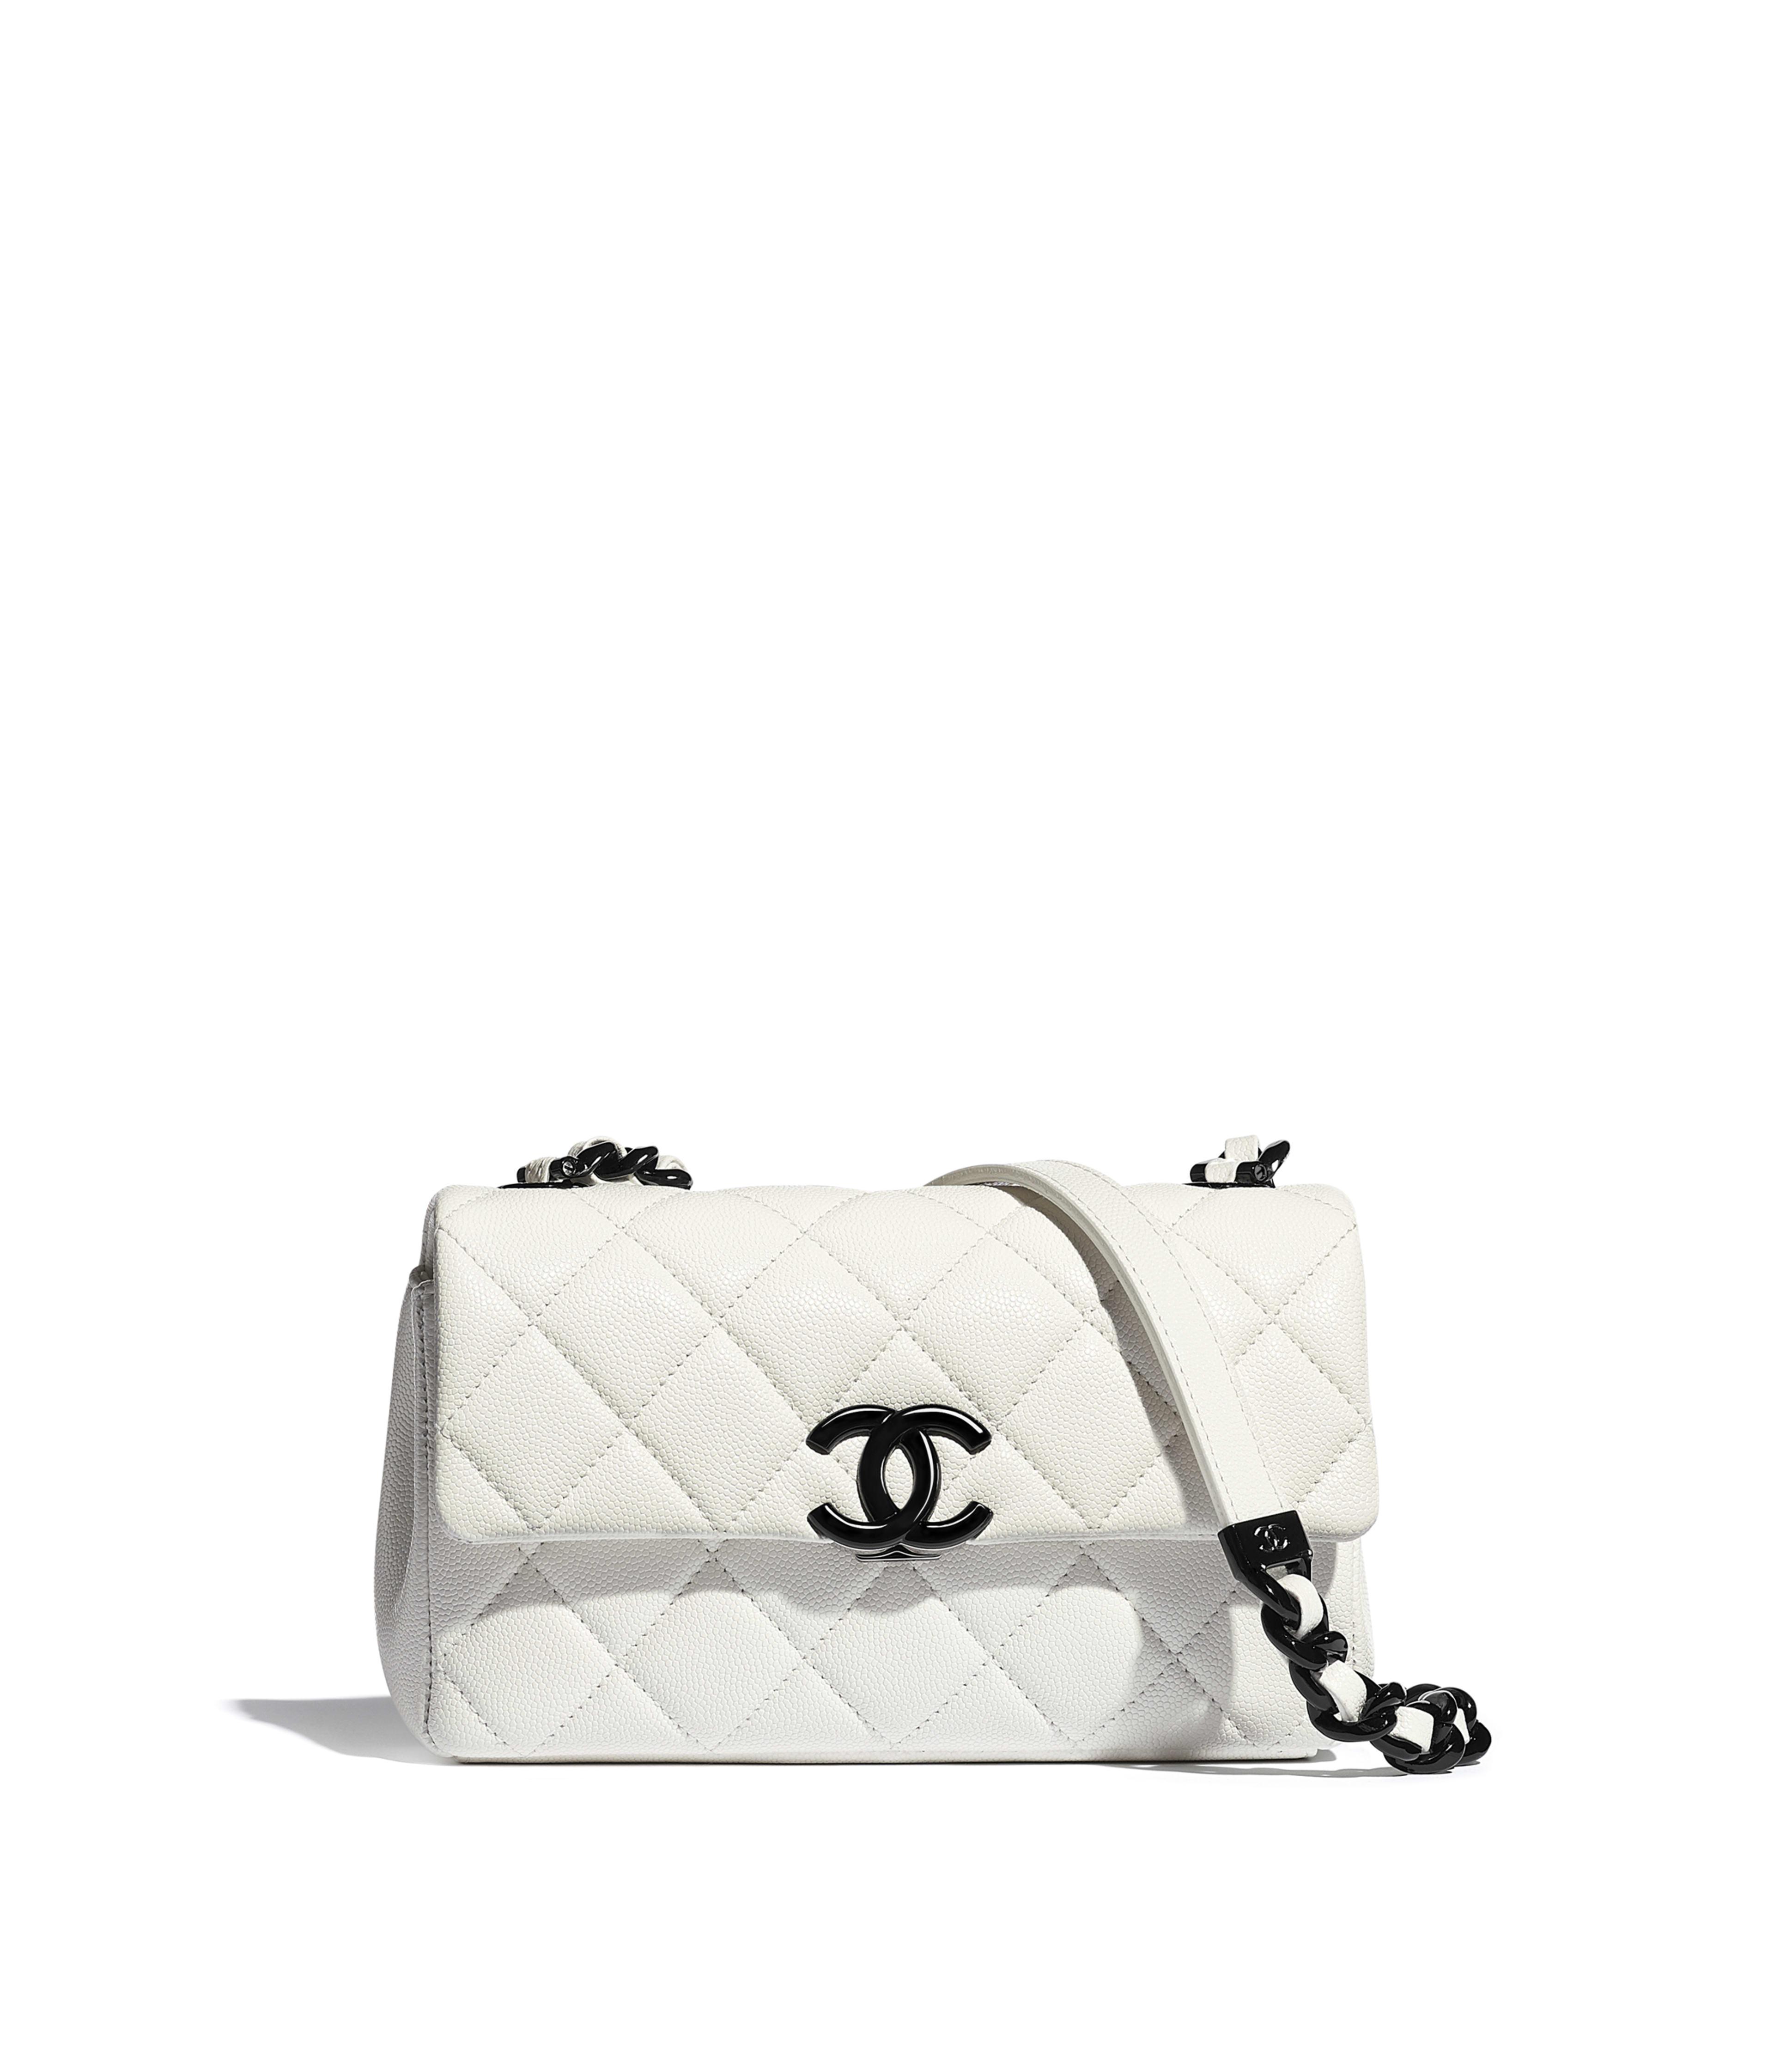 New This Season Handbags Chanel